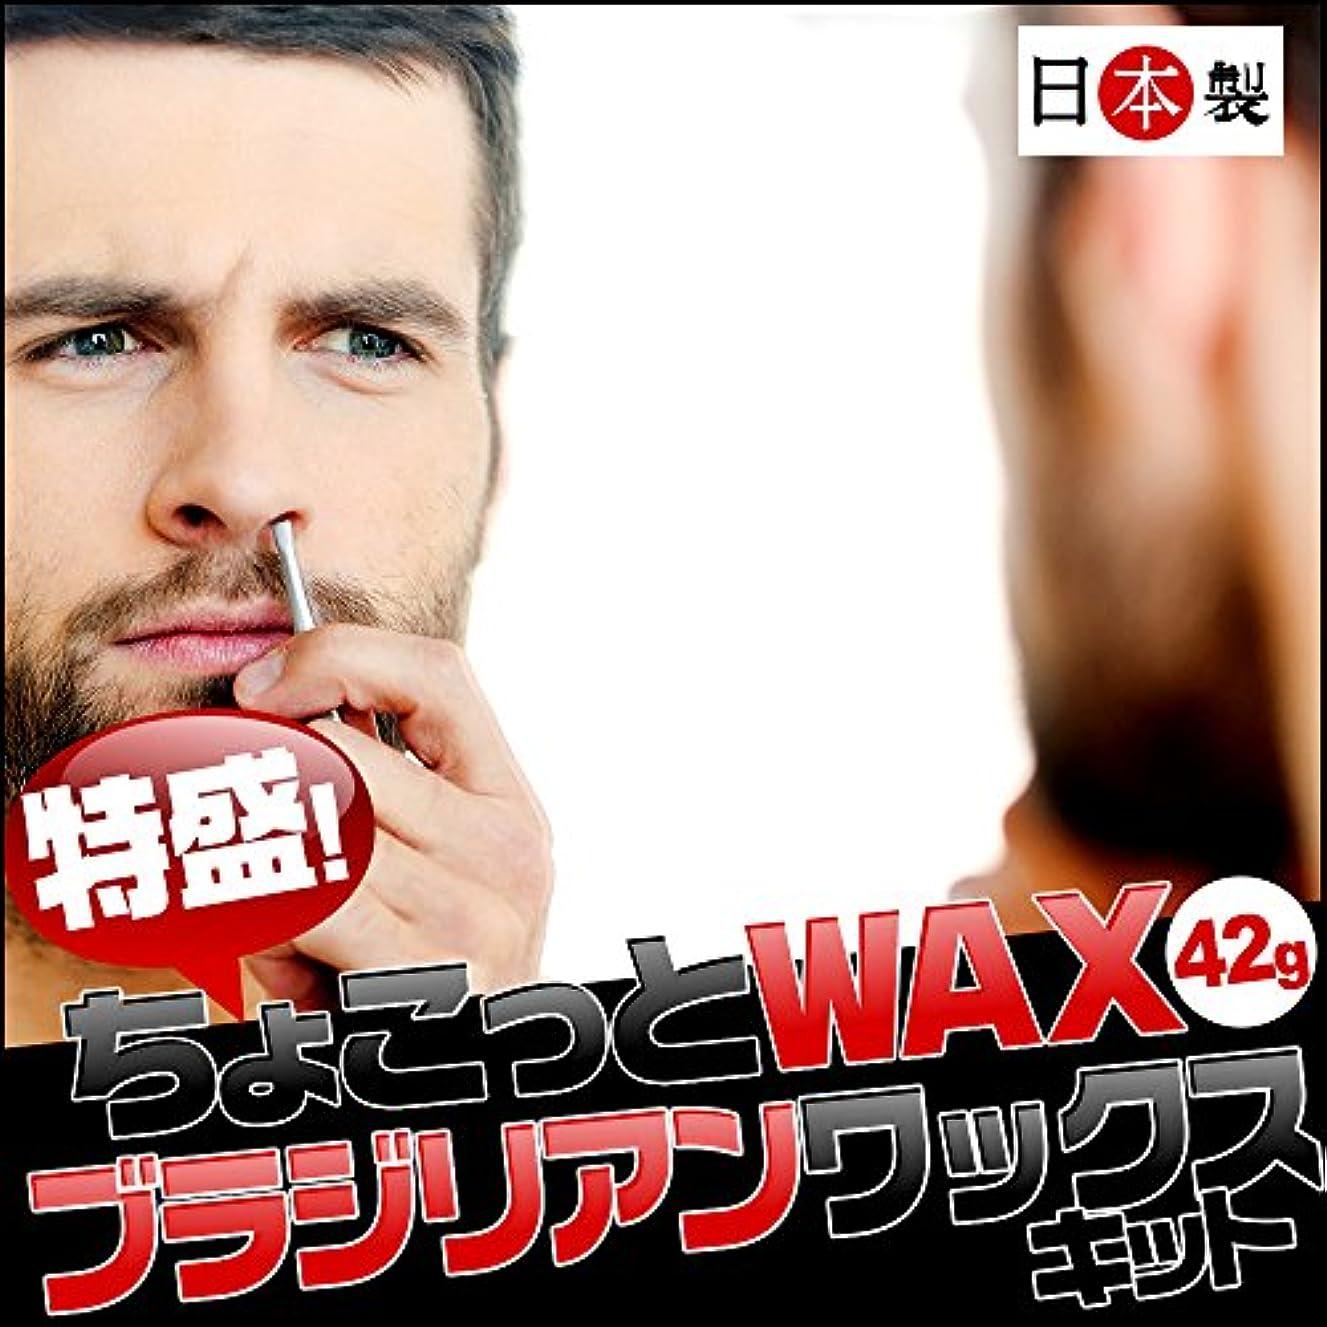 手居住者トラップ日本製ワックスで安心!鼻毛脱毛  特盛  ちょこっとWax 6回分 (鼻毛スティック12本)